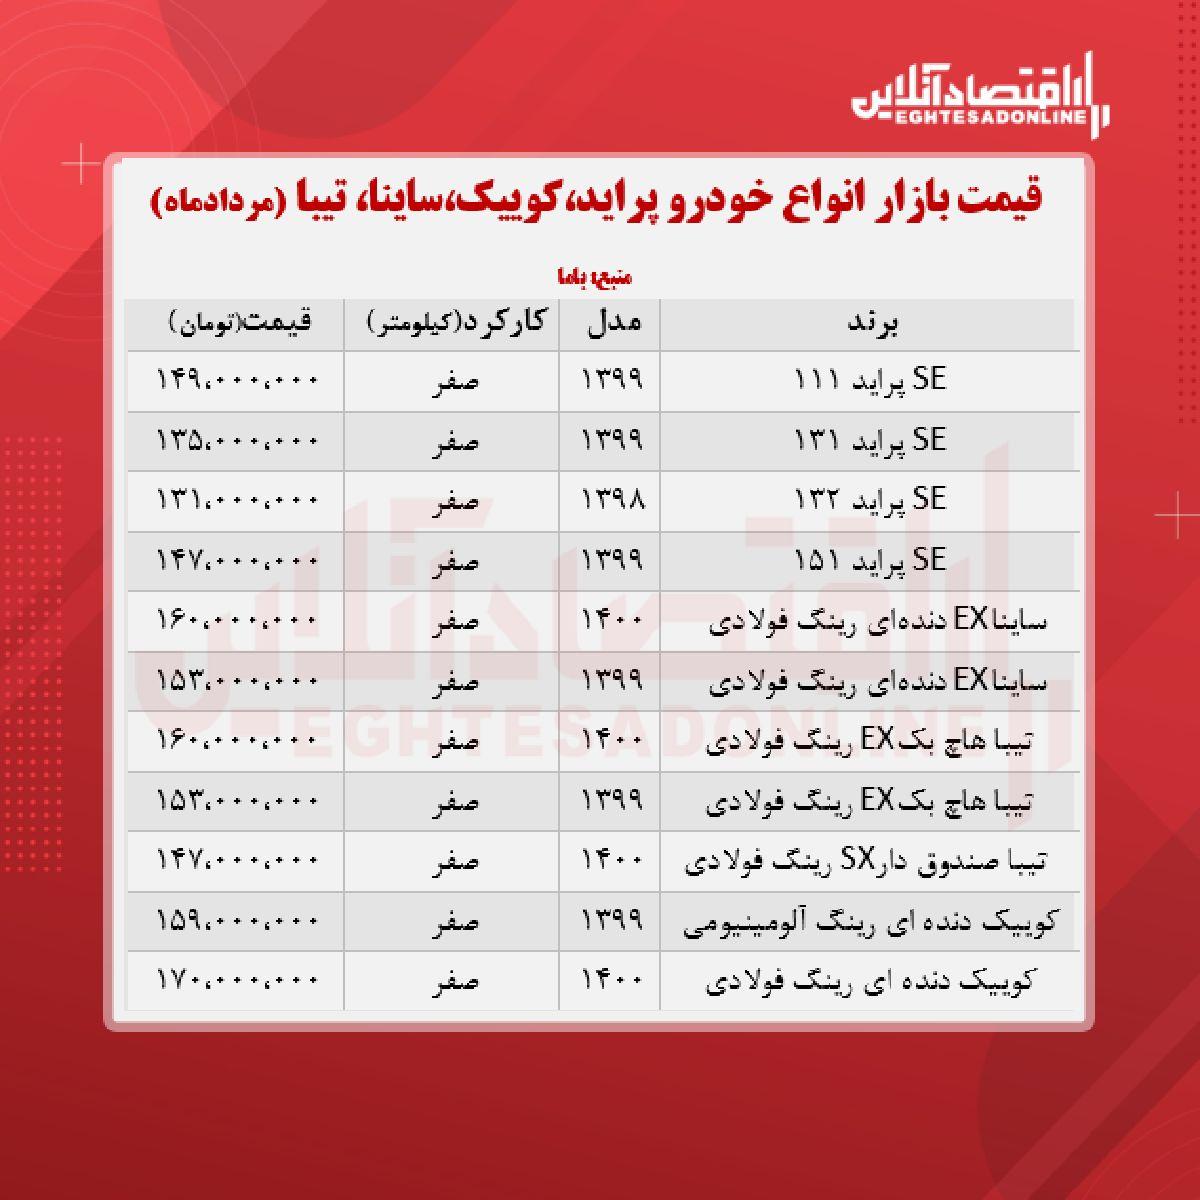 پراید ۱۴۹میلیون شد/ قیمت ساینا، کوییک و تیبا + جدول